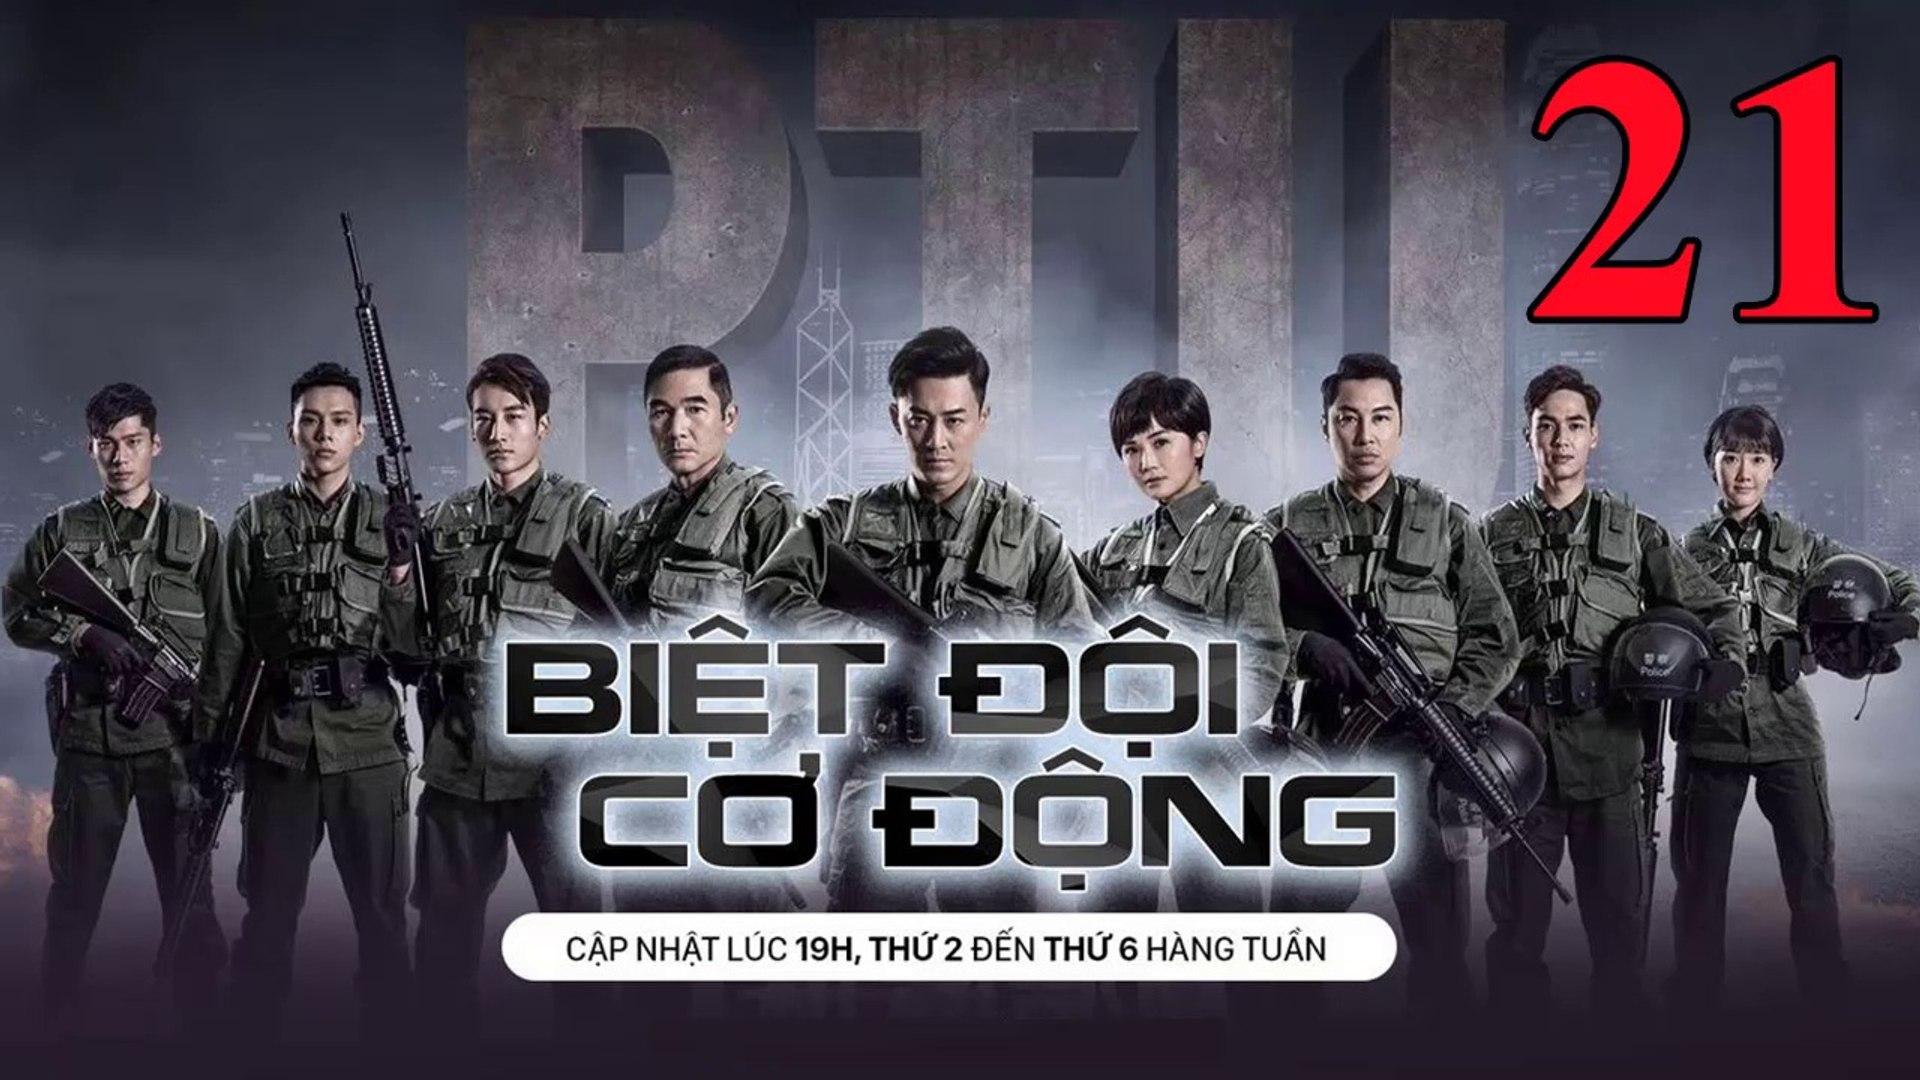 Phim Hành Động TVB: Biệt Đội Cơ Động Tập 21 Vietsub | 机动部队 Police Tactical Unit Ep.21 HD 2019